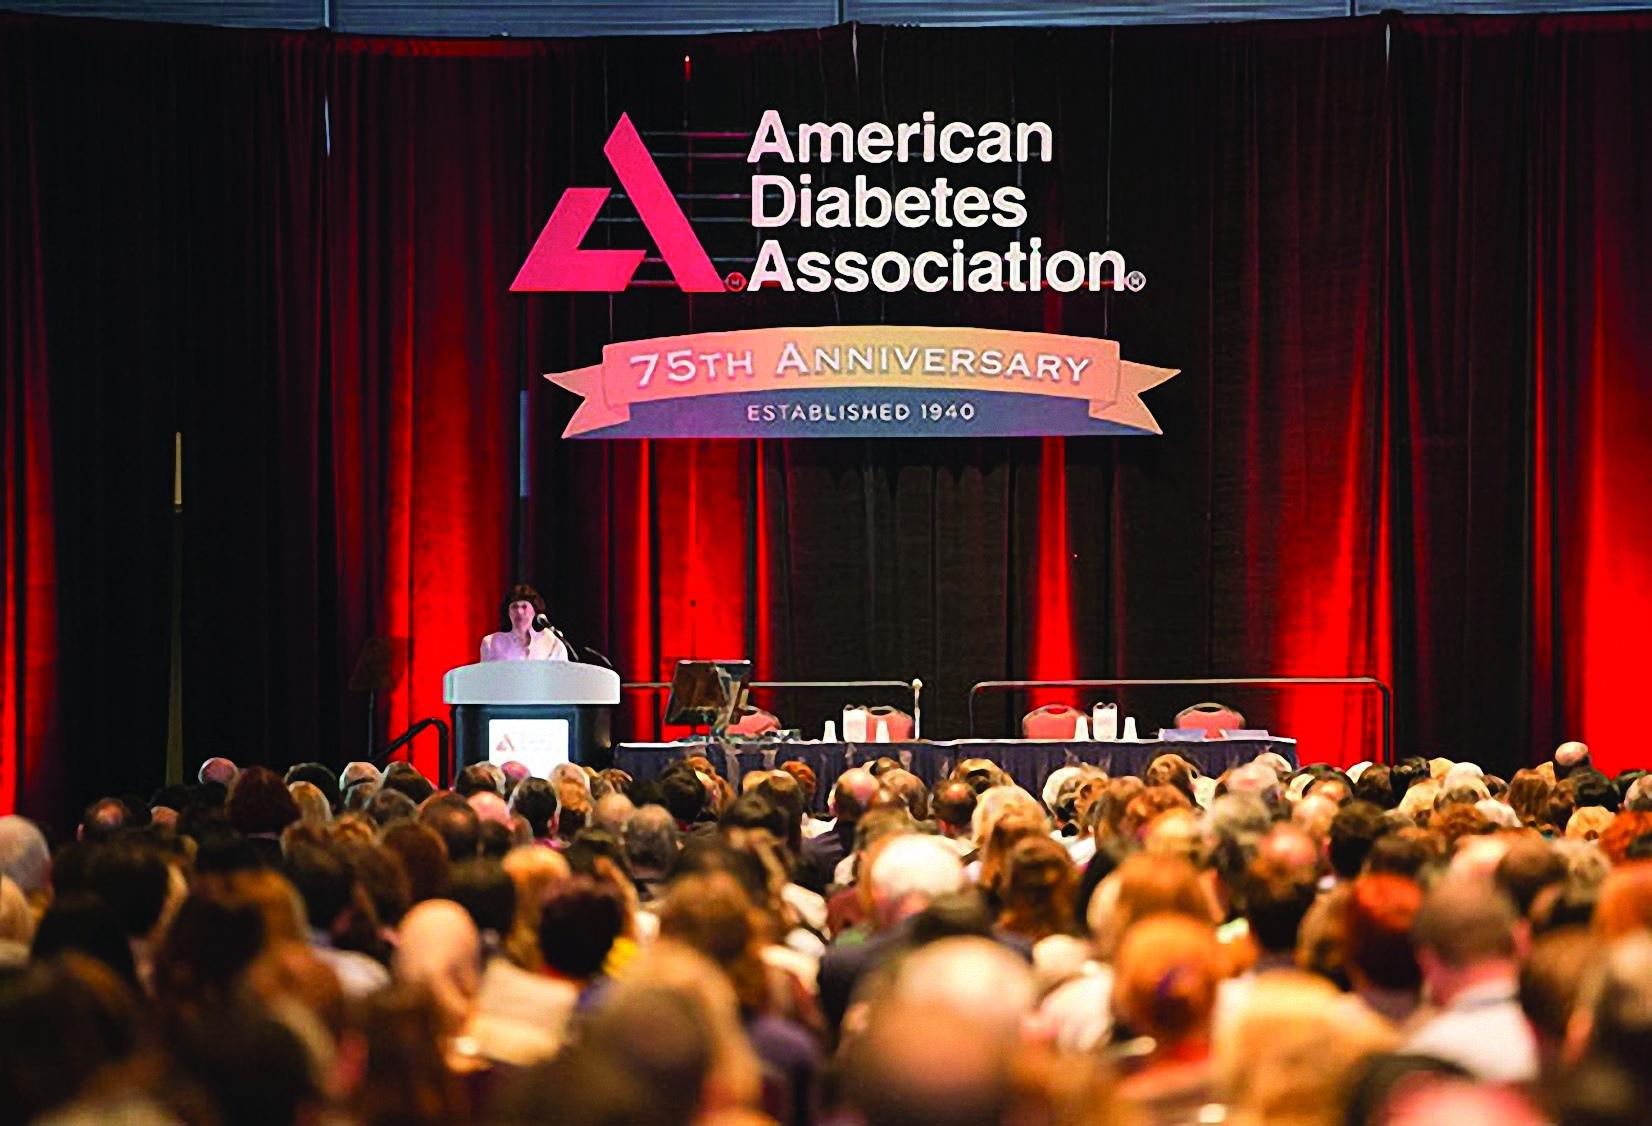 Американская диета диабетической ассоциации